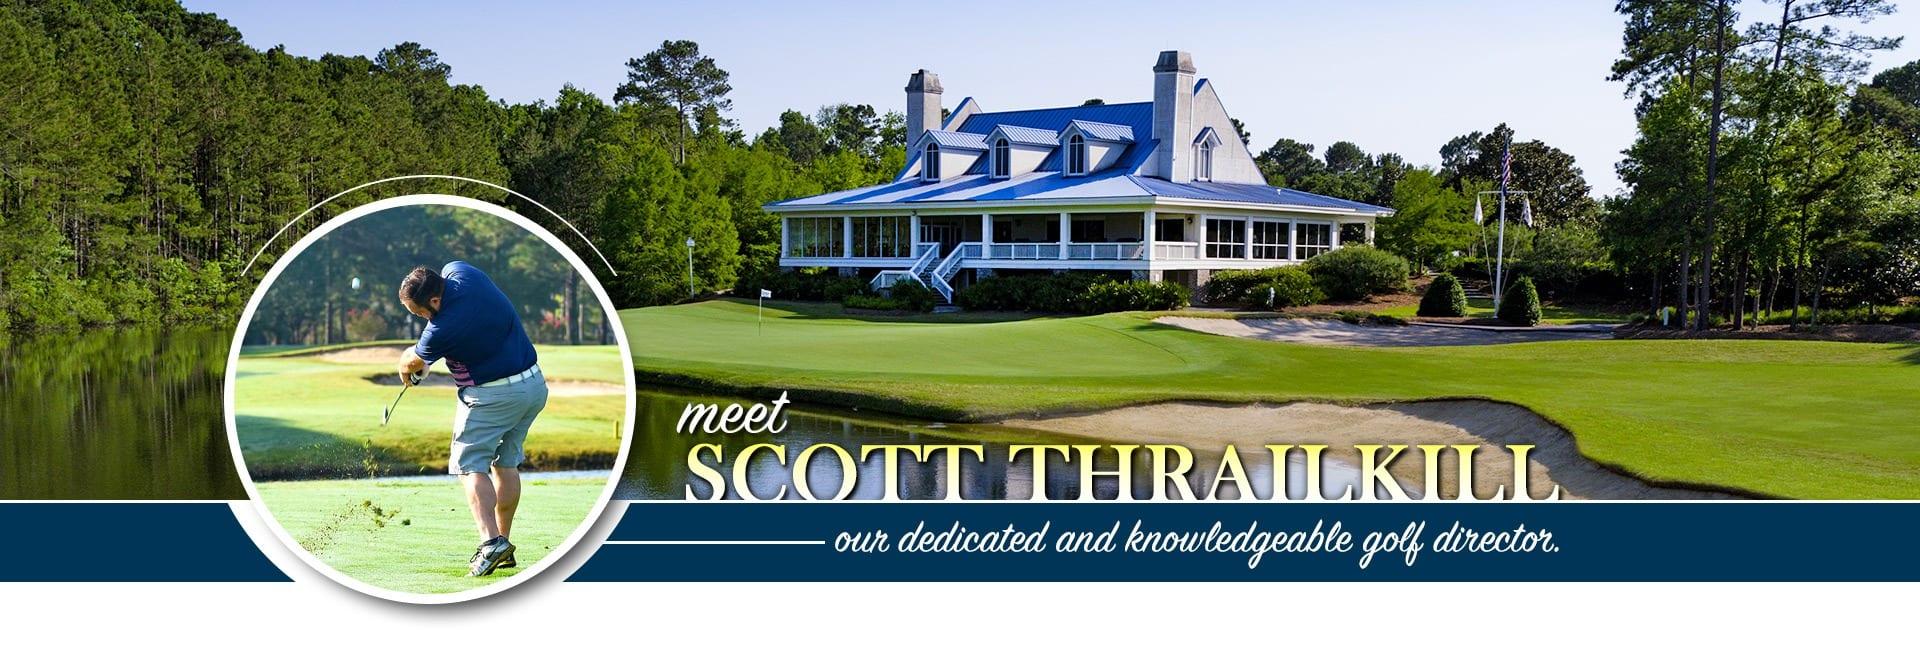 scott-thrailkill-1920x650